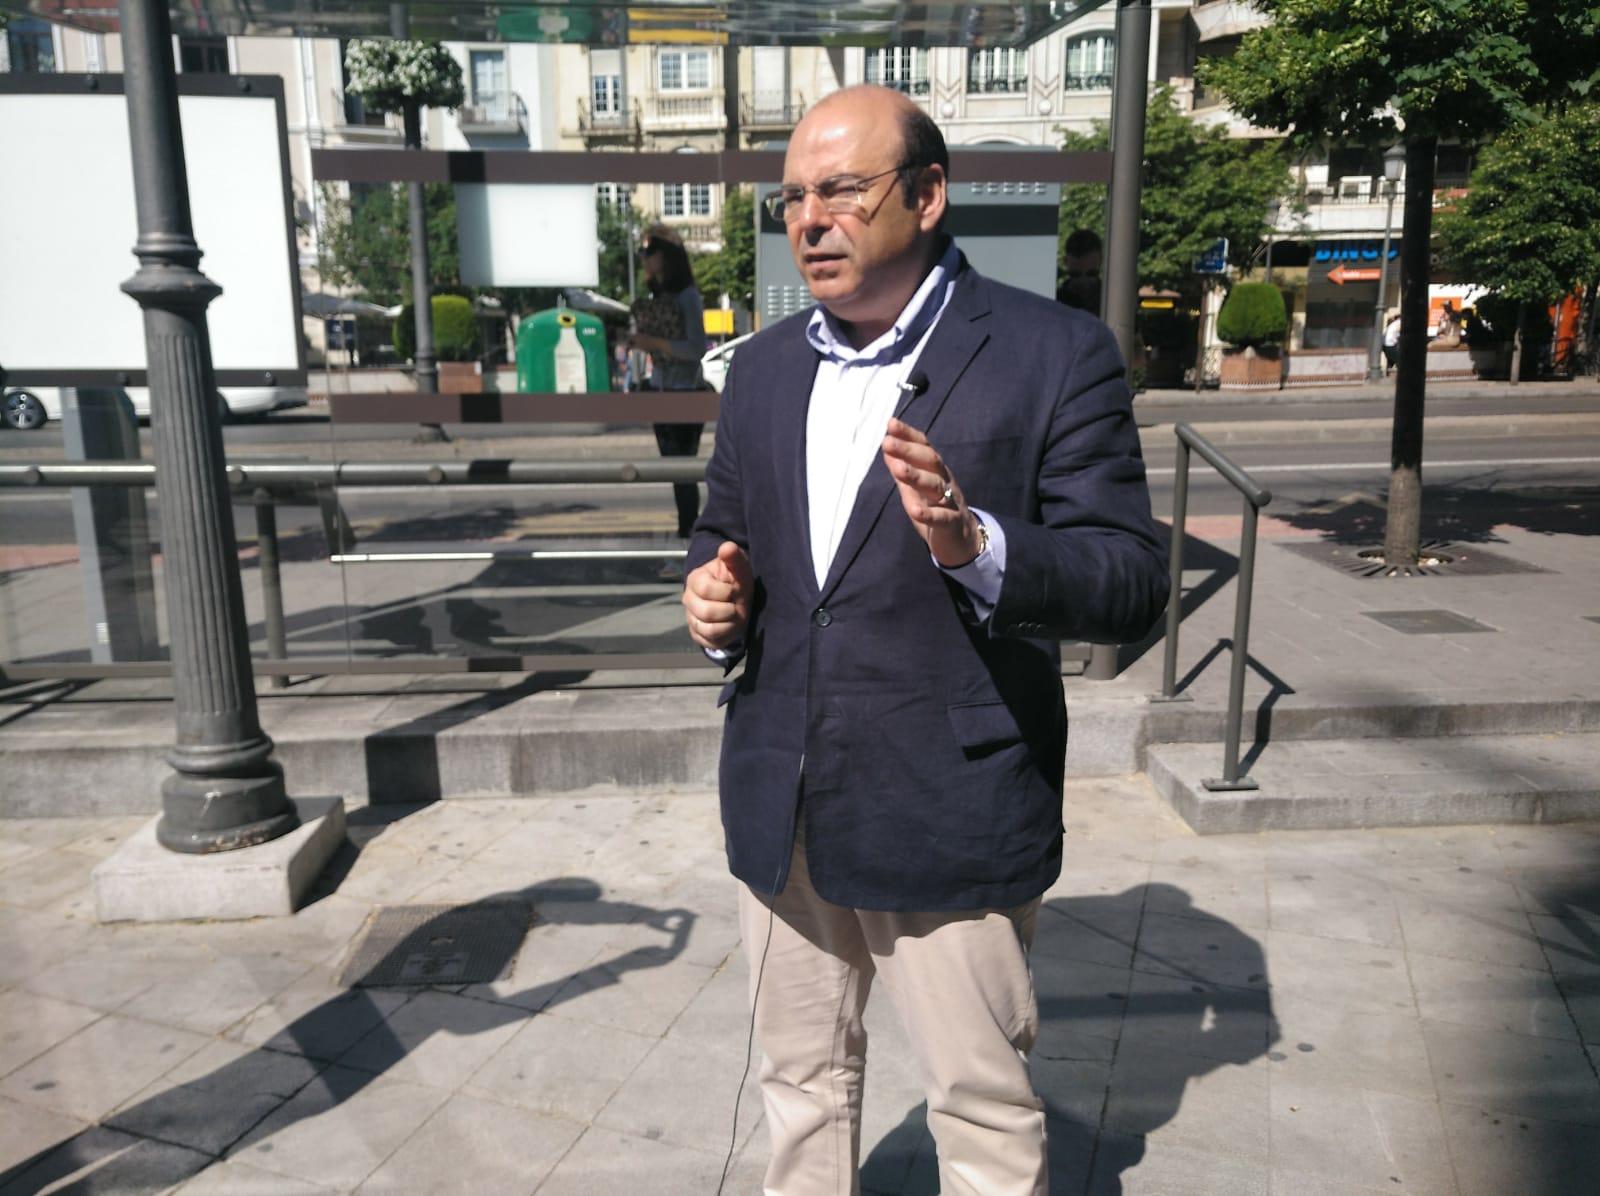 #26M: El PP propone una flota eléctrica de autobuses y la ampliación del Metro